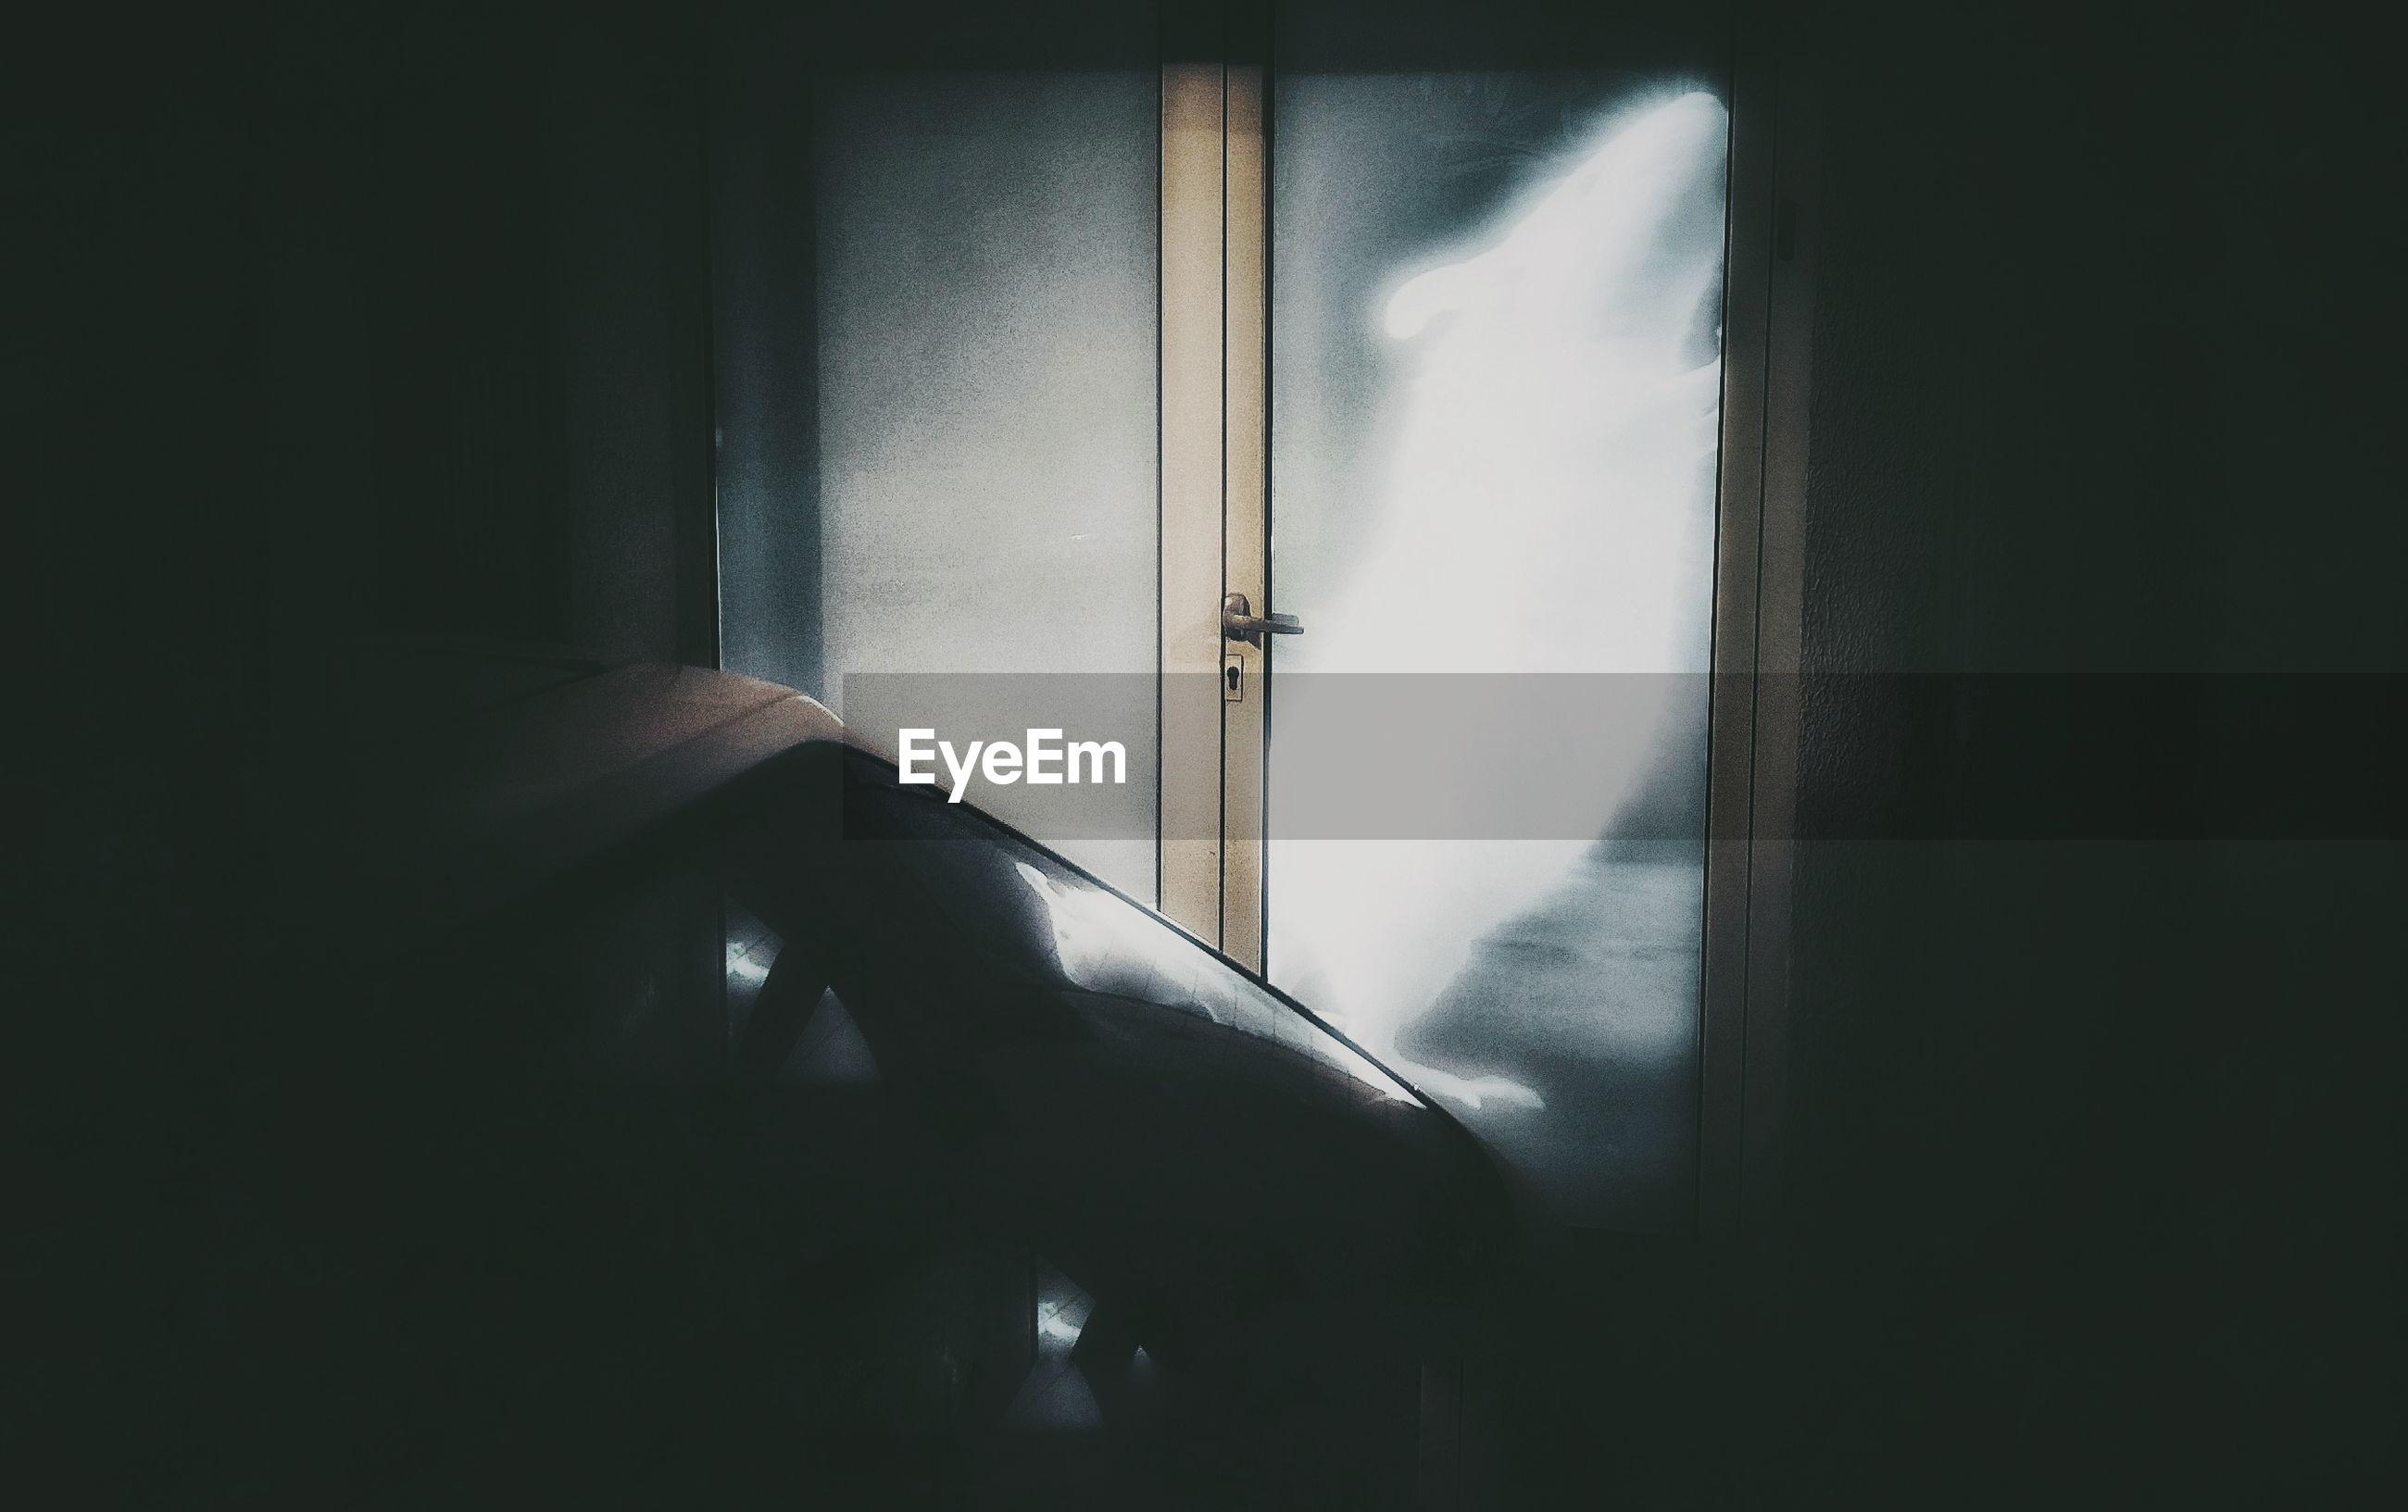 indoors, door, window, open, day, no people, close-up